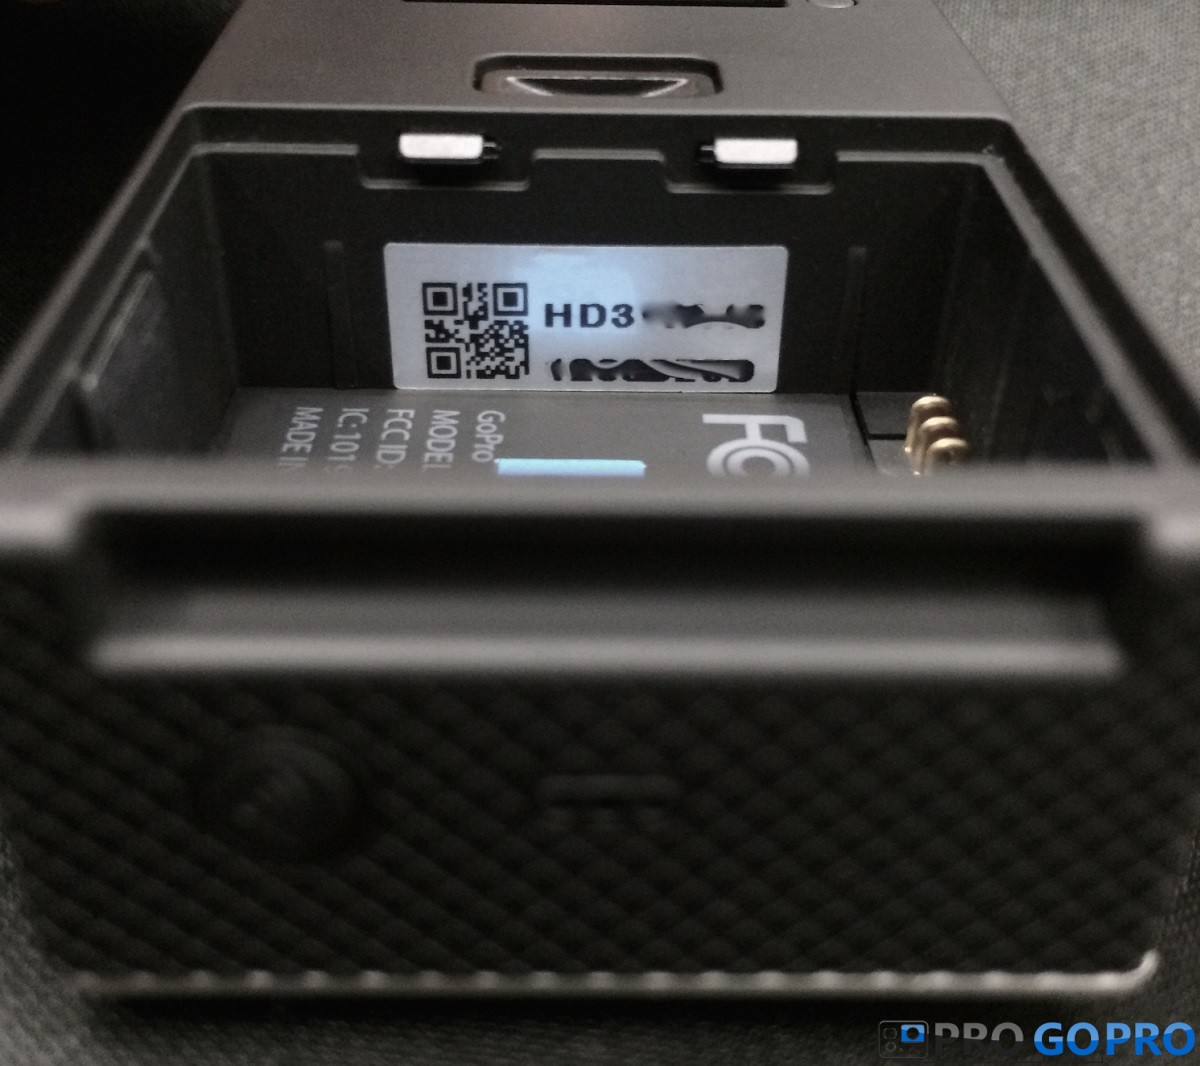 Серийный номер на камерах GoPro HERO3 всех моделей